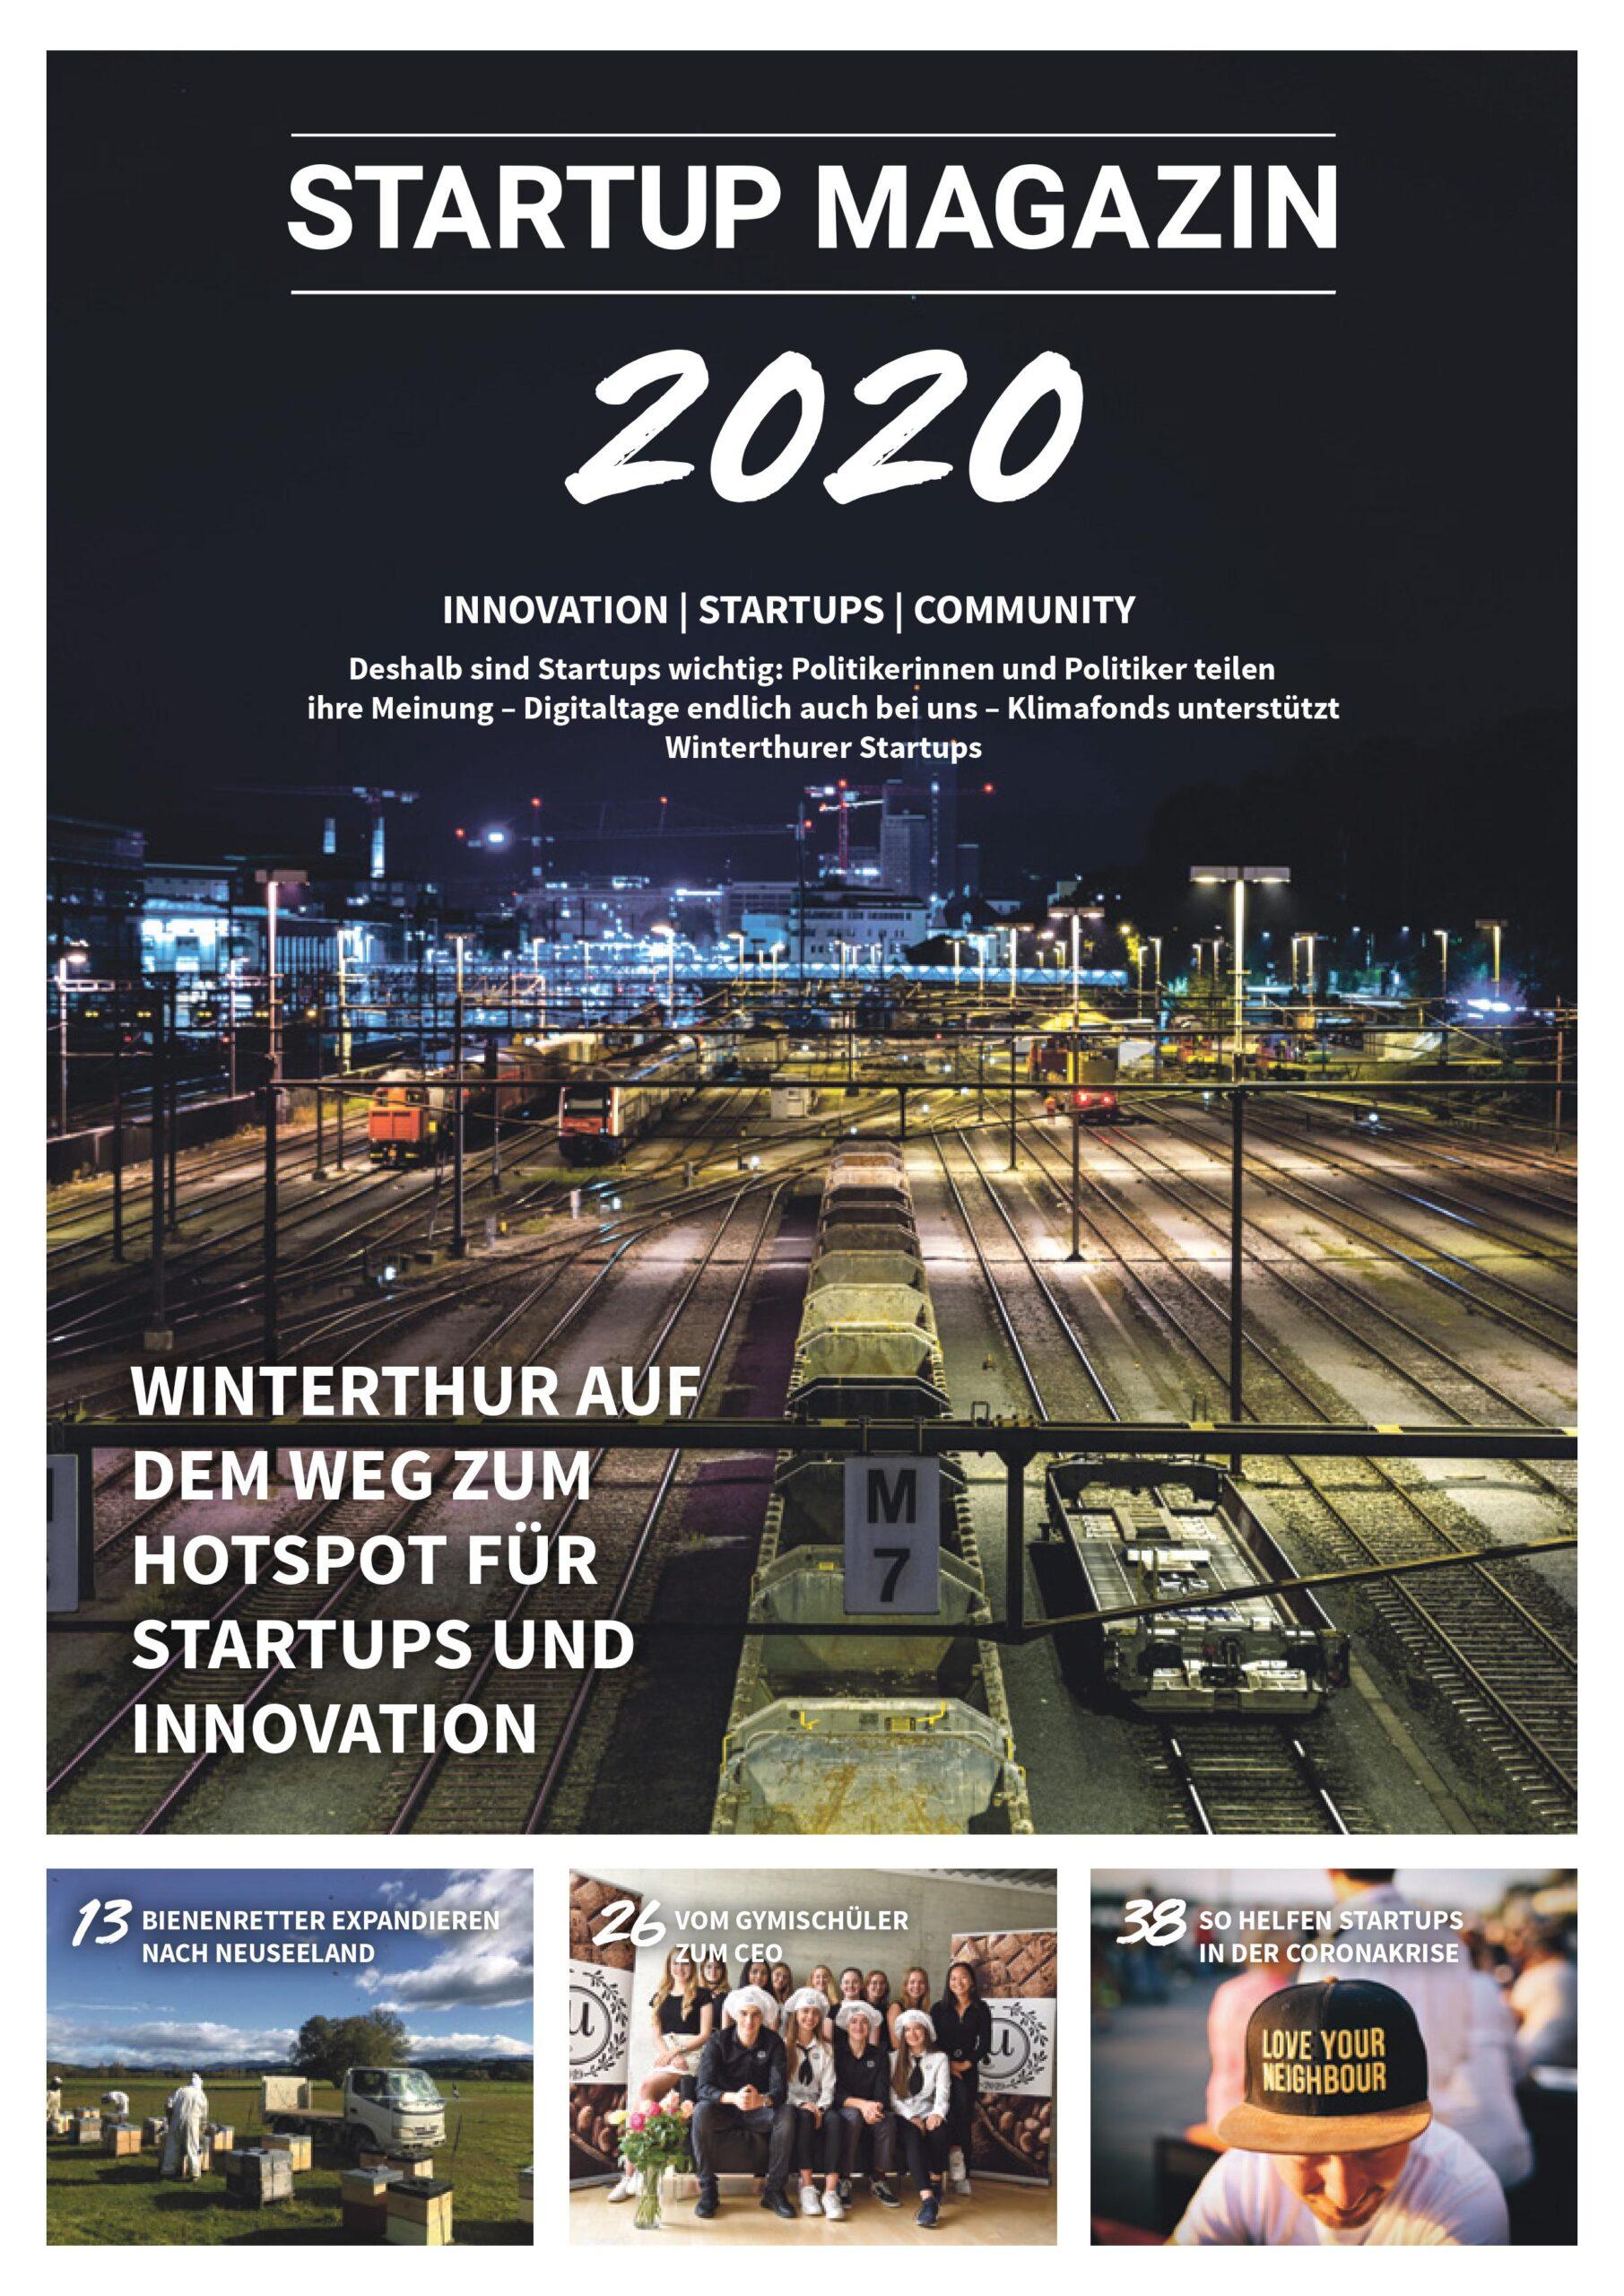 Startup Magazin 2020 als Beilage des Landbote